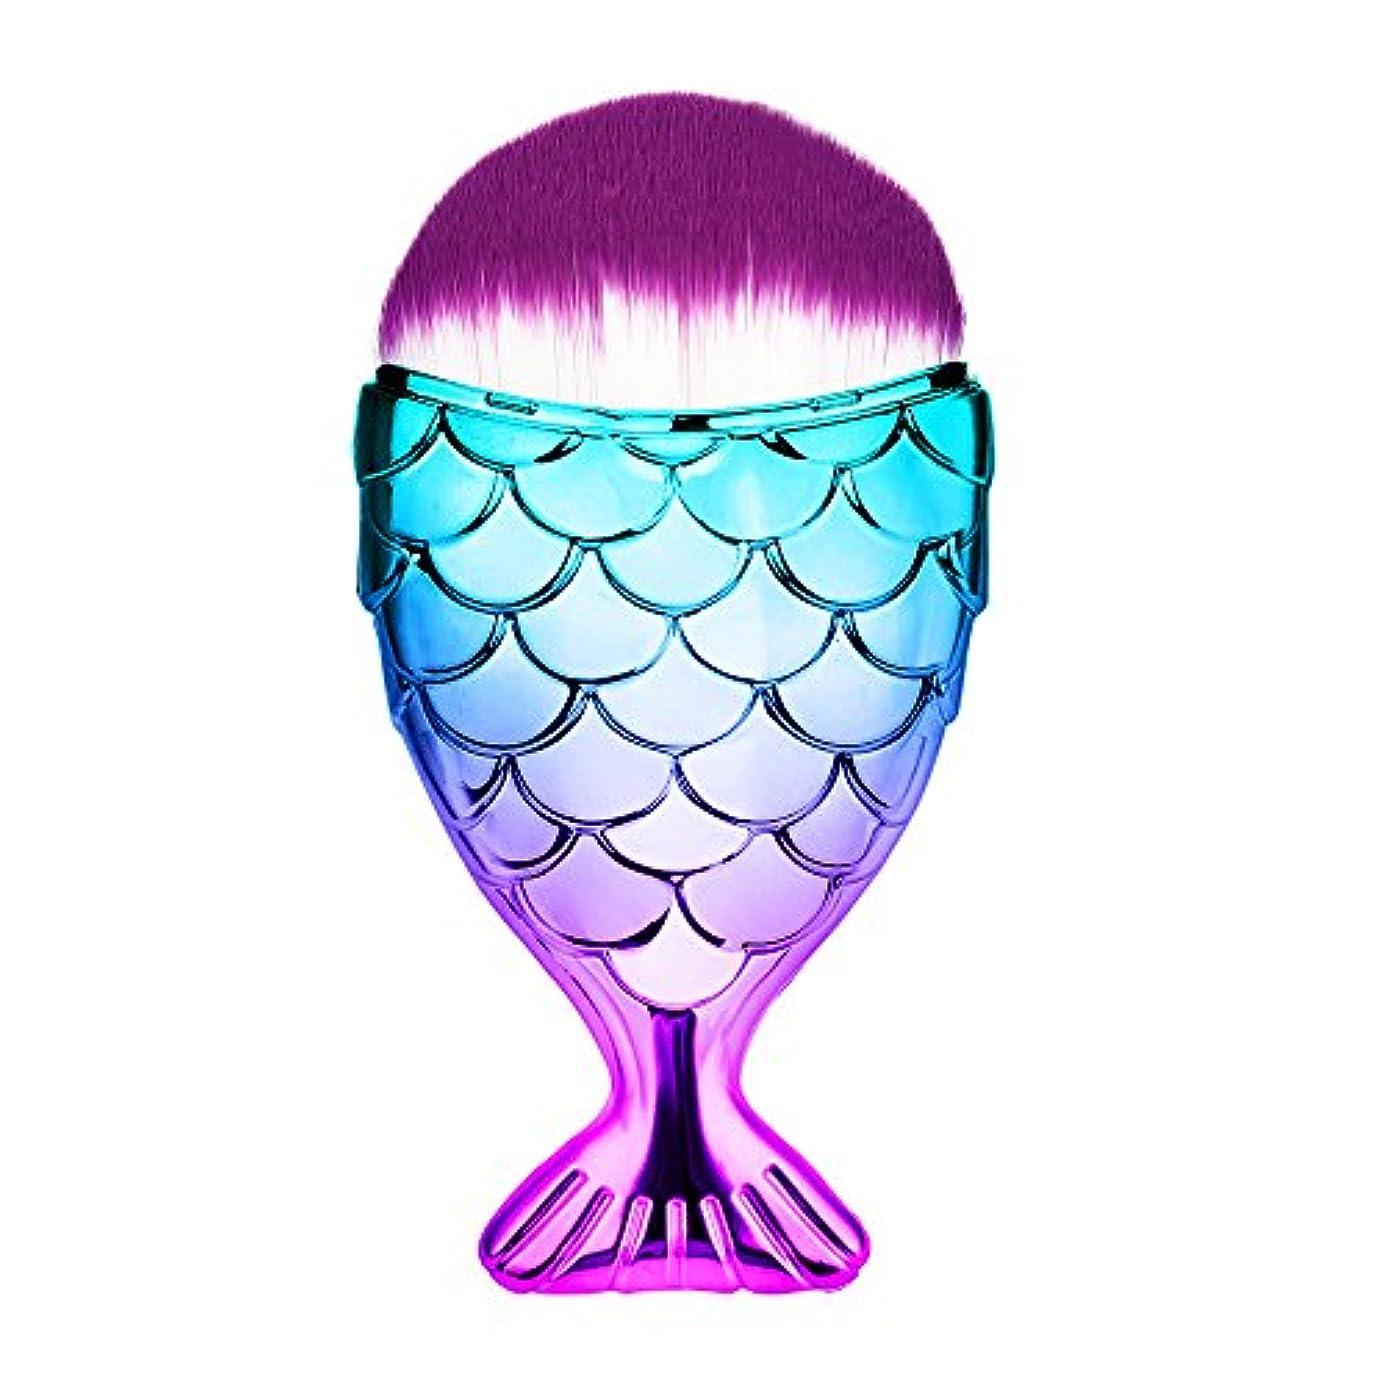 罹患率の前でパキスタン人(プタス)Putars メイクブラシ ファンデーションブラシ 人魚姫 カラフル 紫毛 化粧ブラシ ふわふわ お肌に優しい 毛量たっぷり メイク道具 プレゼント